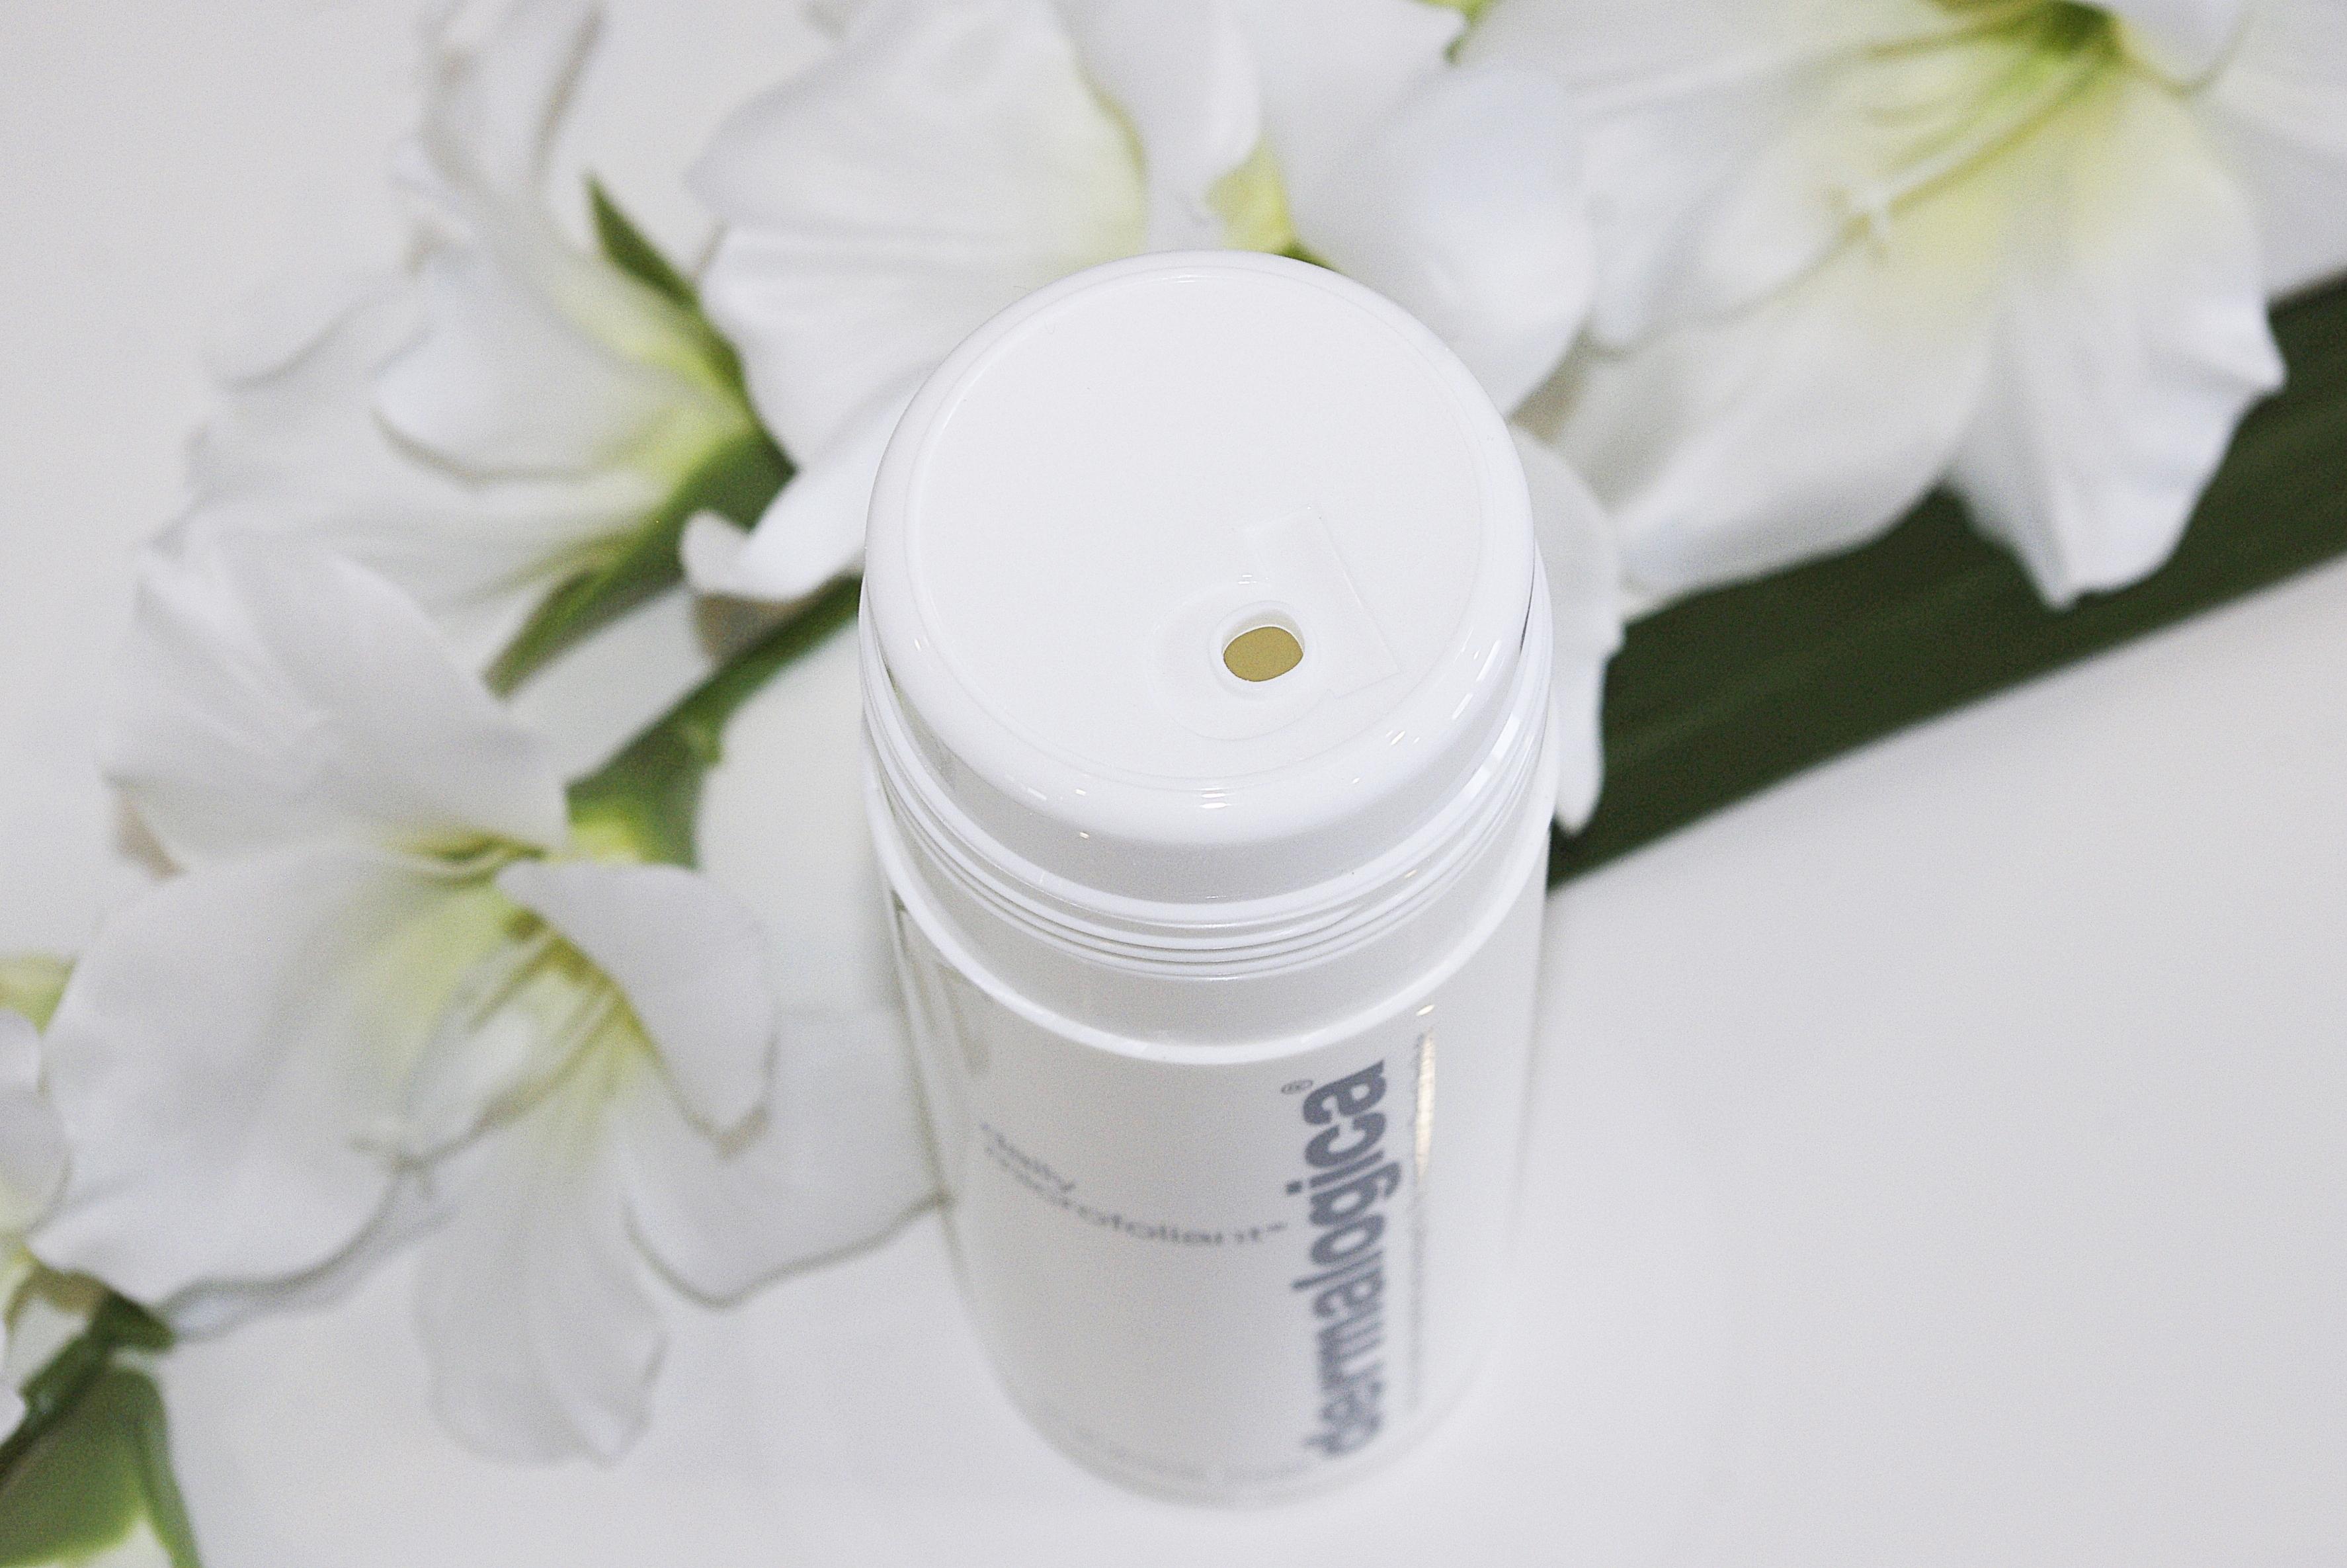 Dermalogica Daily Microfoliant Enzymatyczny Puder Ryżowy